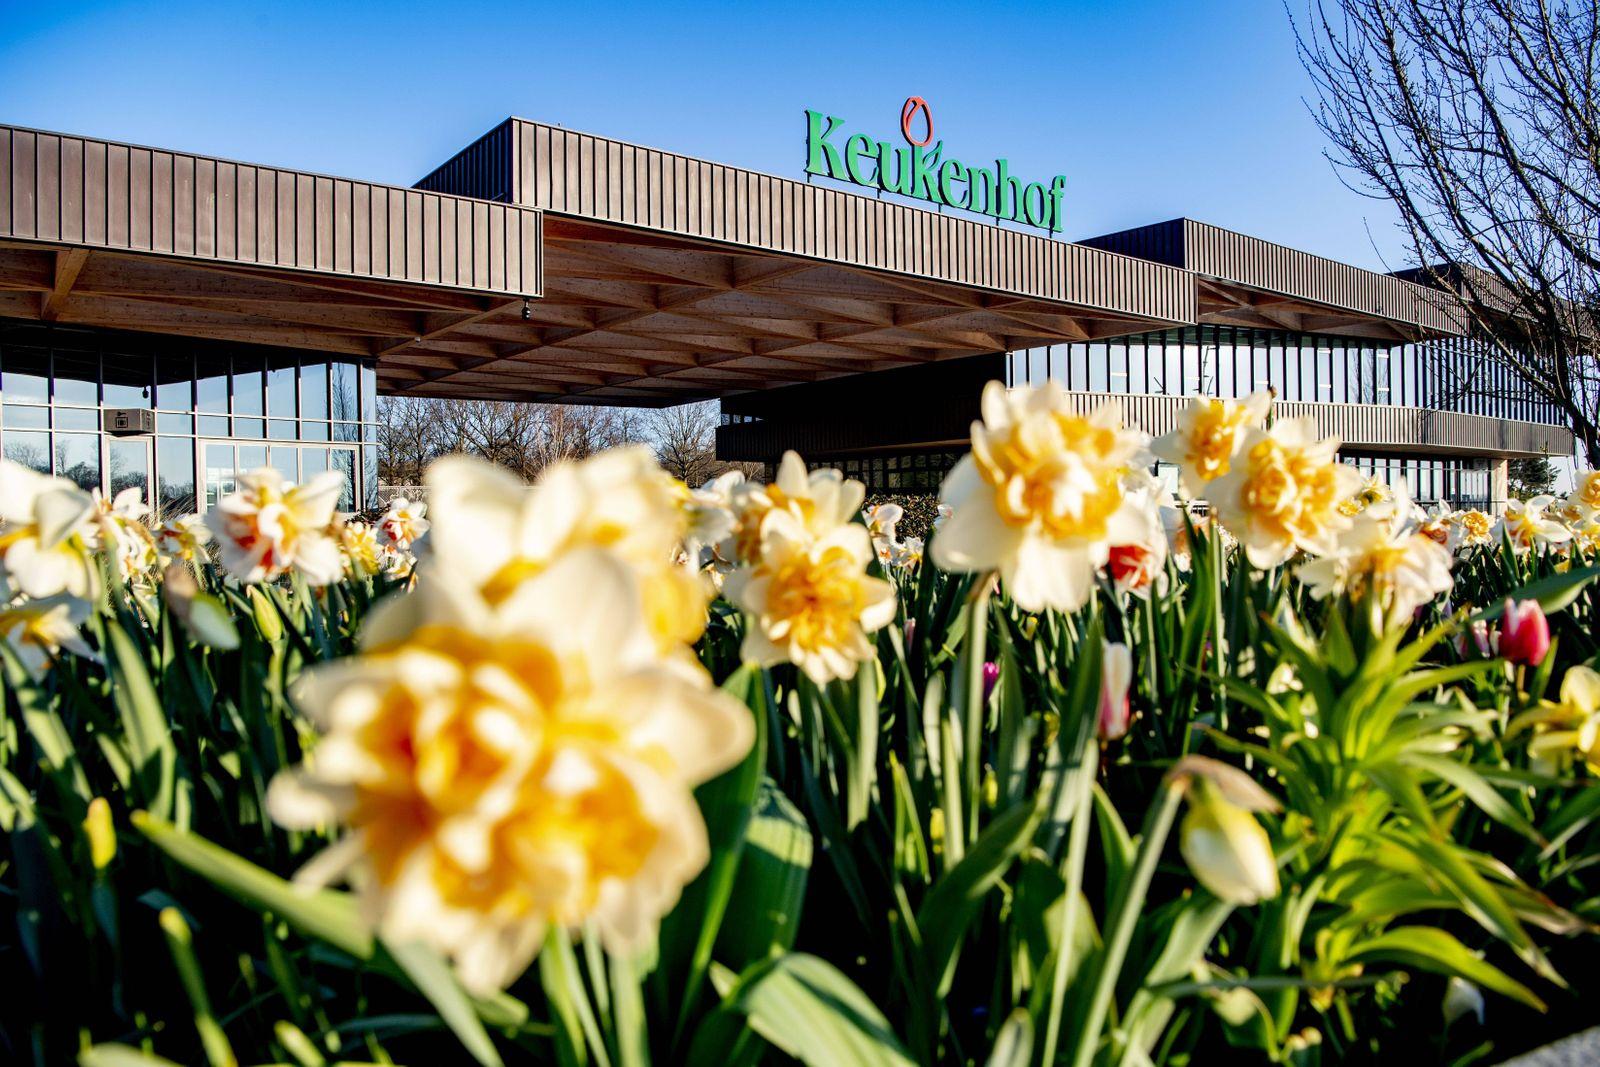 2020-04-06 09:07:11 LISSE - Bloemen in bloei bij leeg Keukenhof , de keukenhof gaat die jaar niet meer open ivm de coron